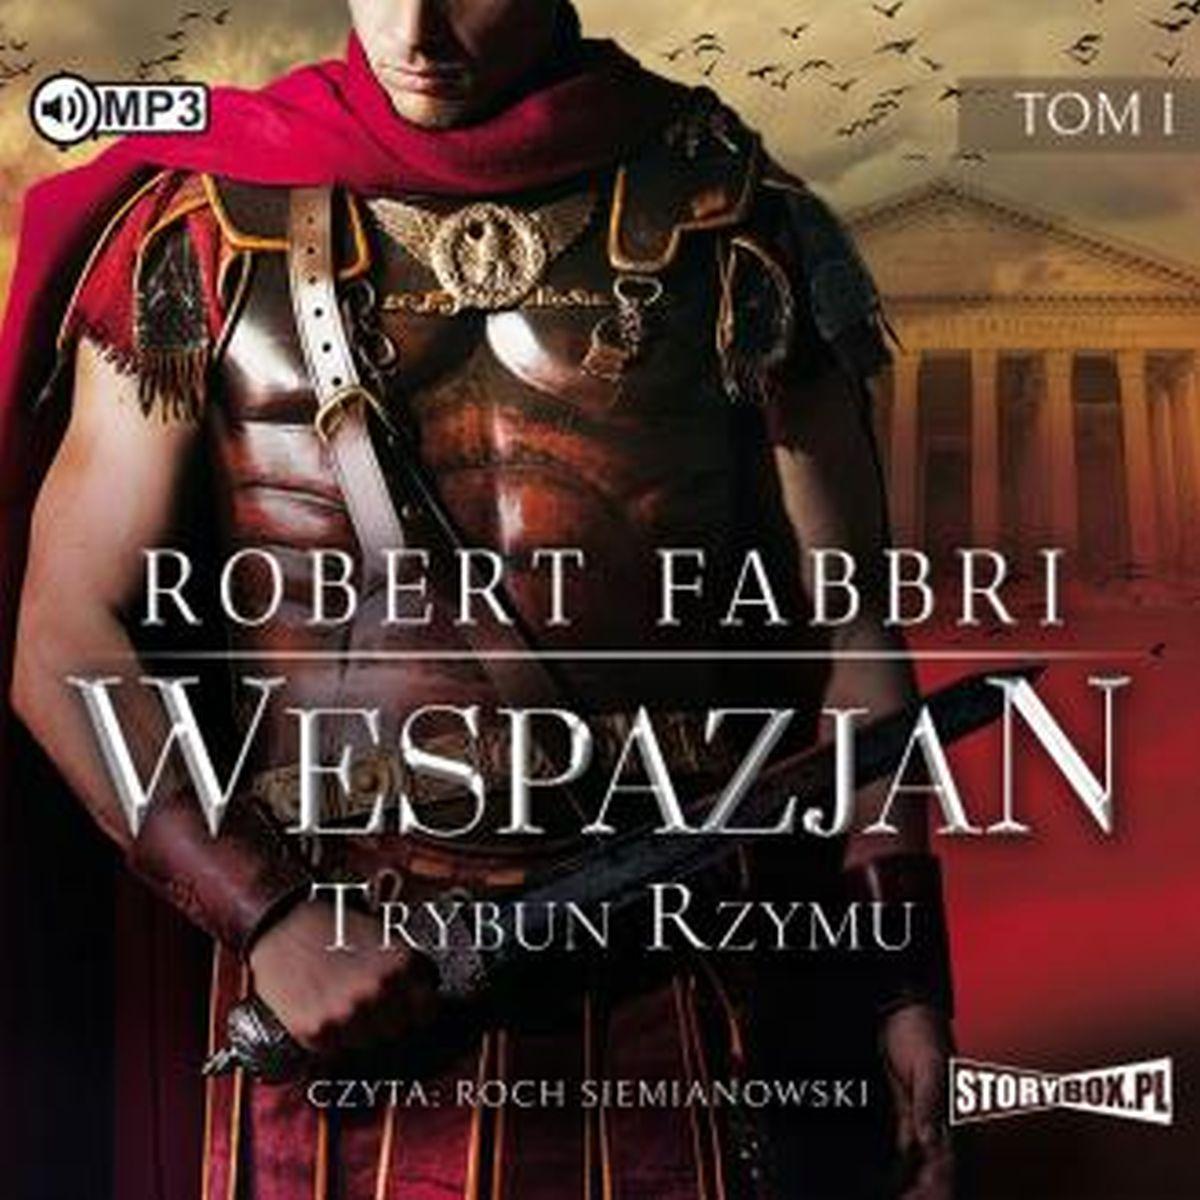 Trybun Rzymu Wespazjan. Tom 1 (CD mp3)